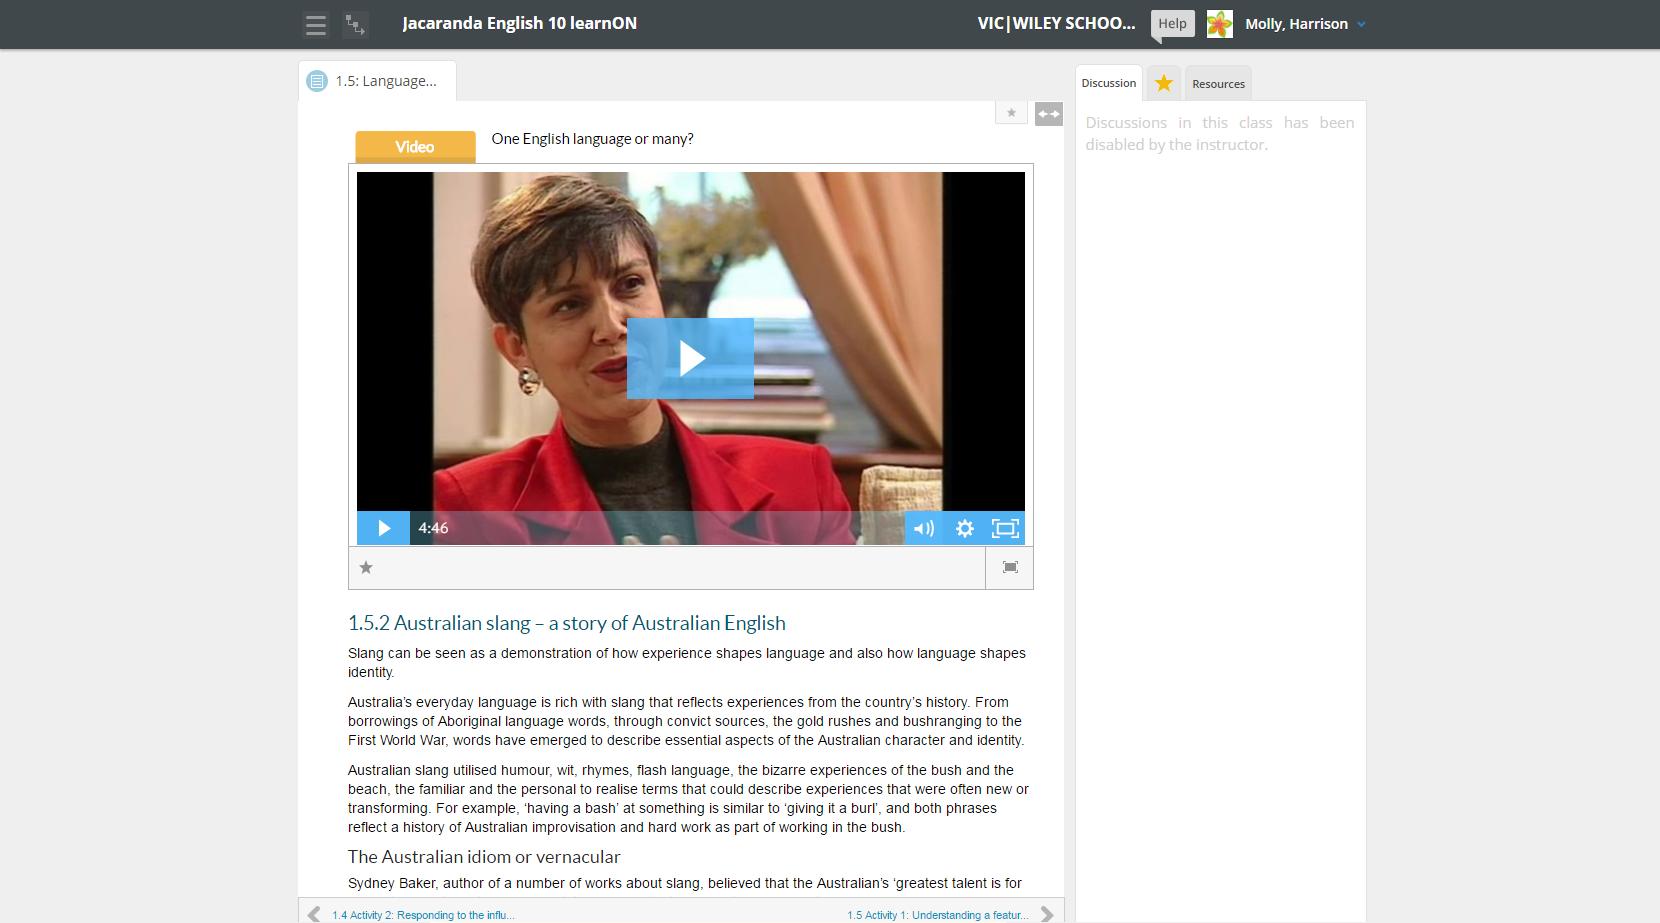 learnON English video